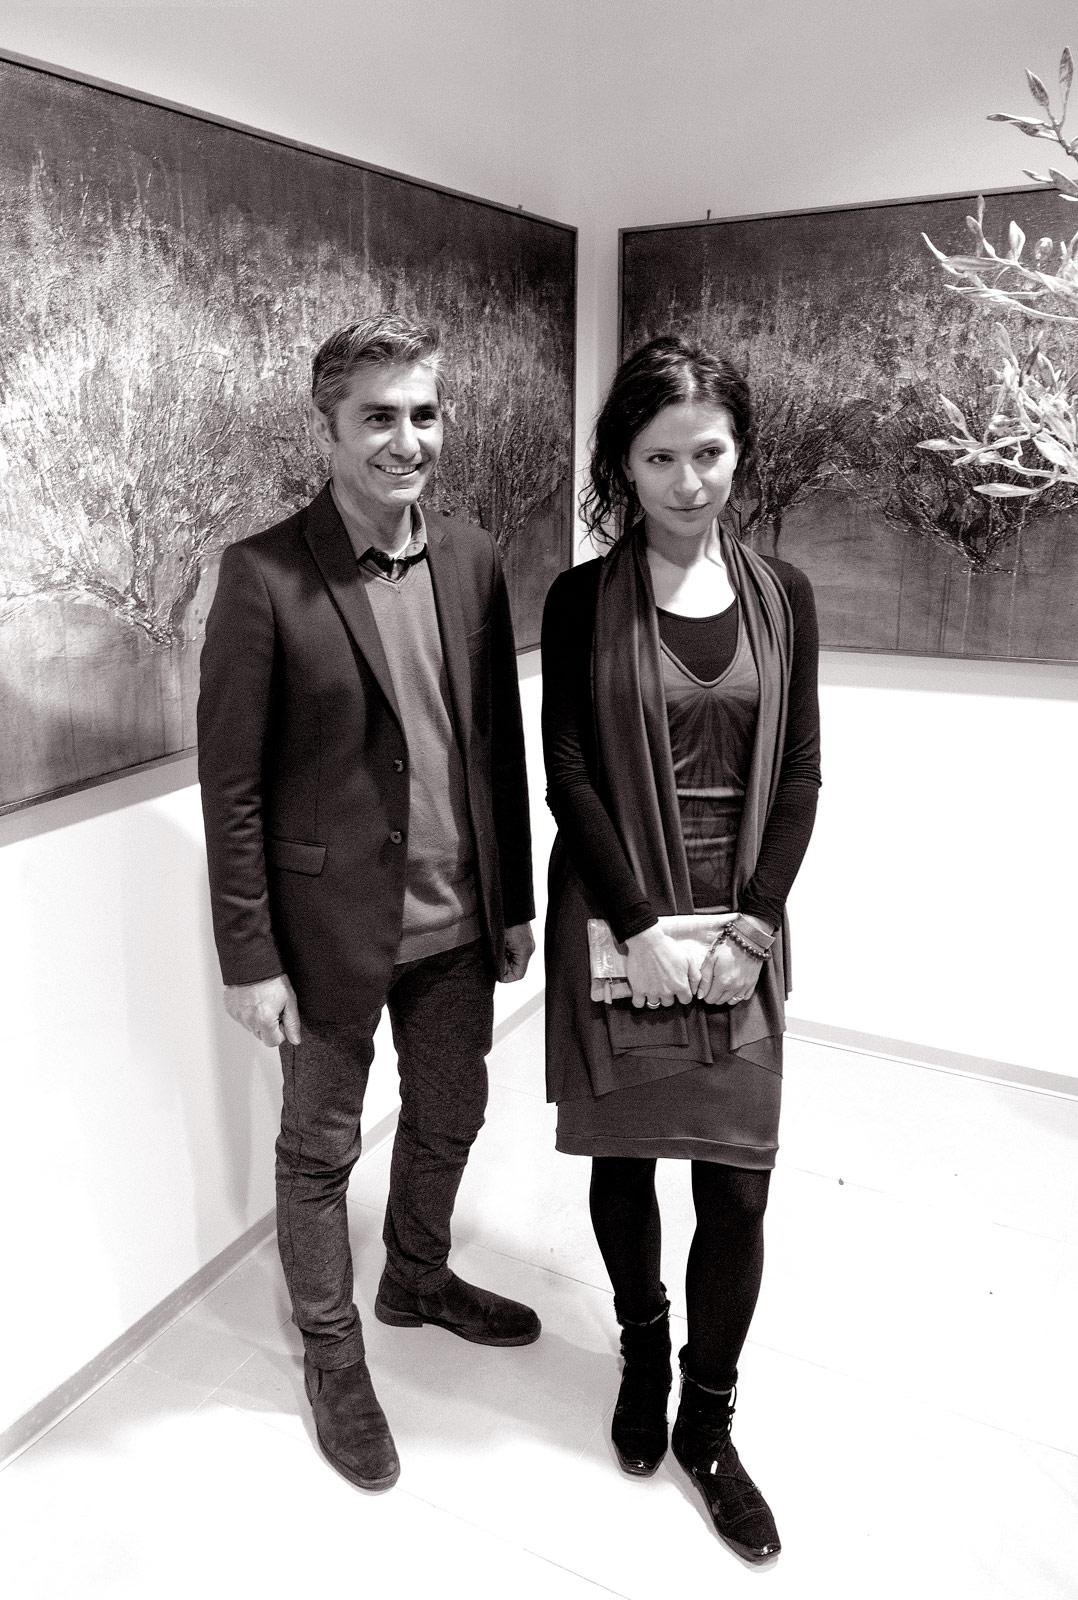 Andrea Roggi and Olga Niescier